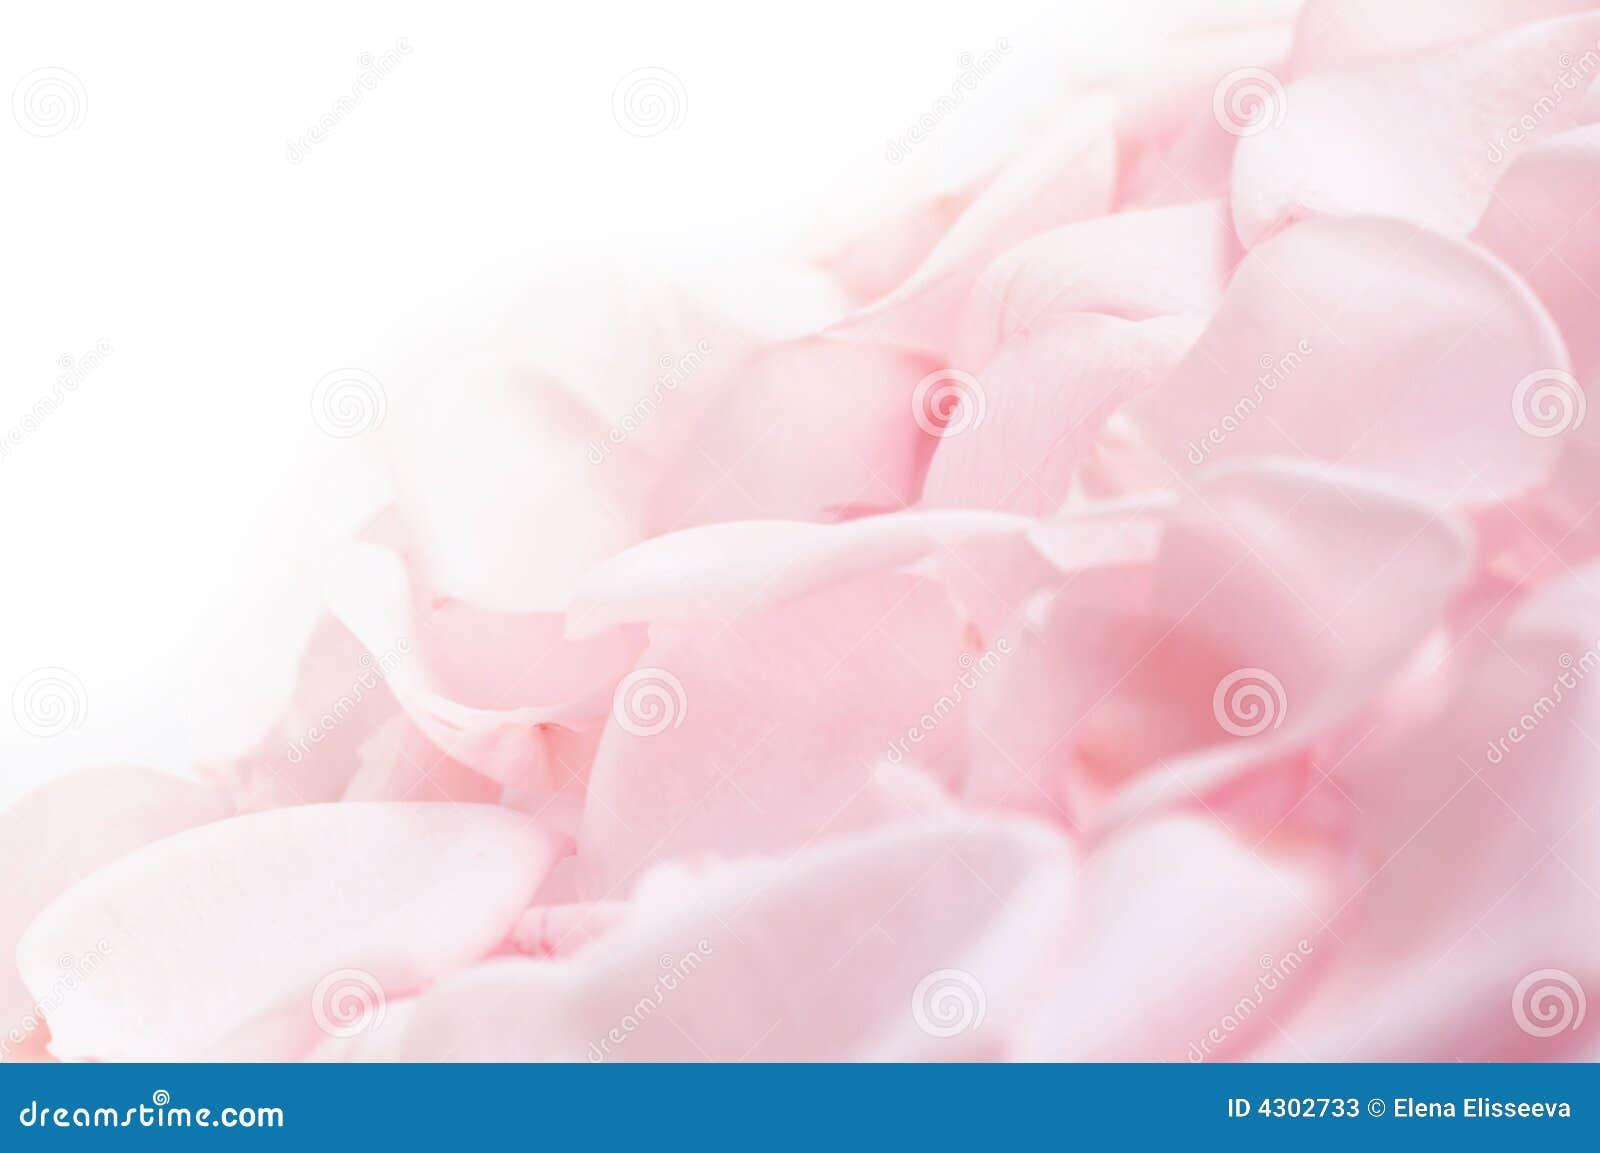 Pink Rose Petals Stock Image Image Of Petal Botanical 4302733